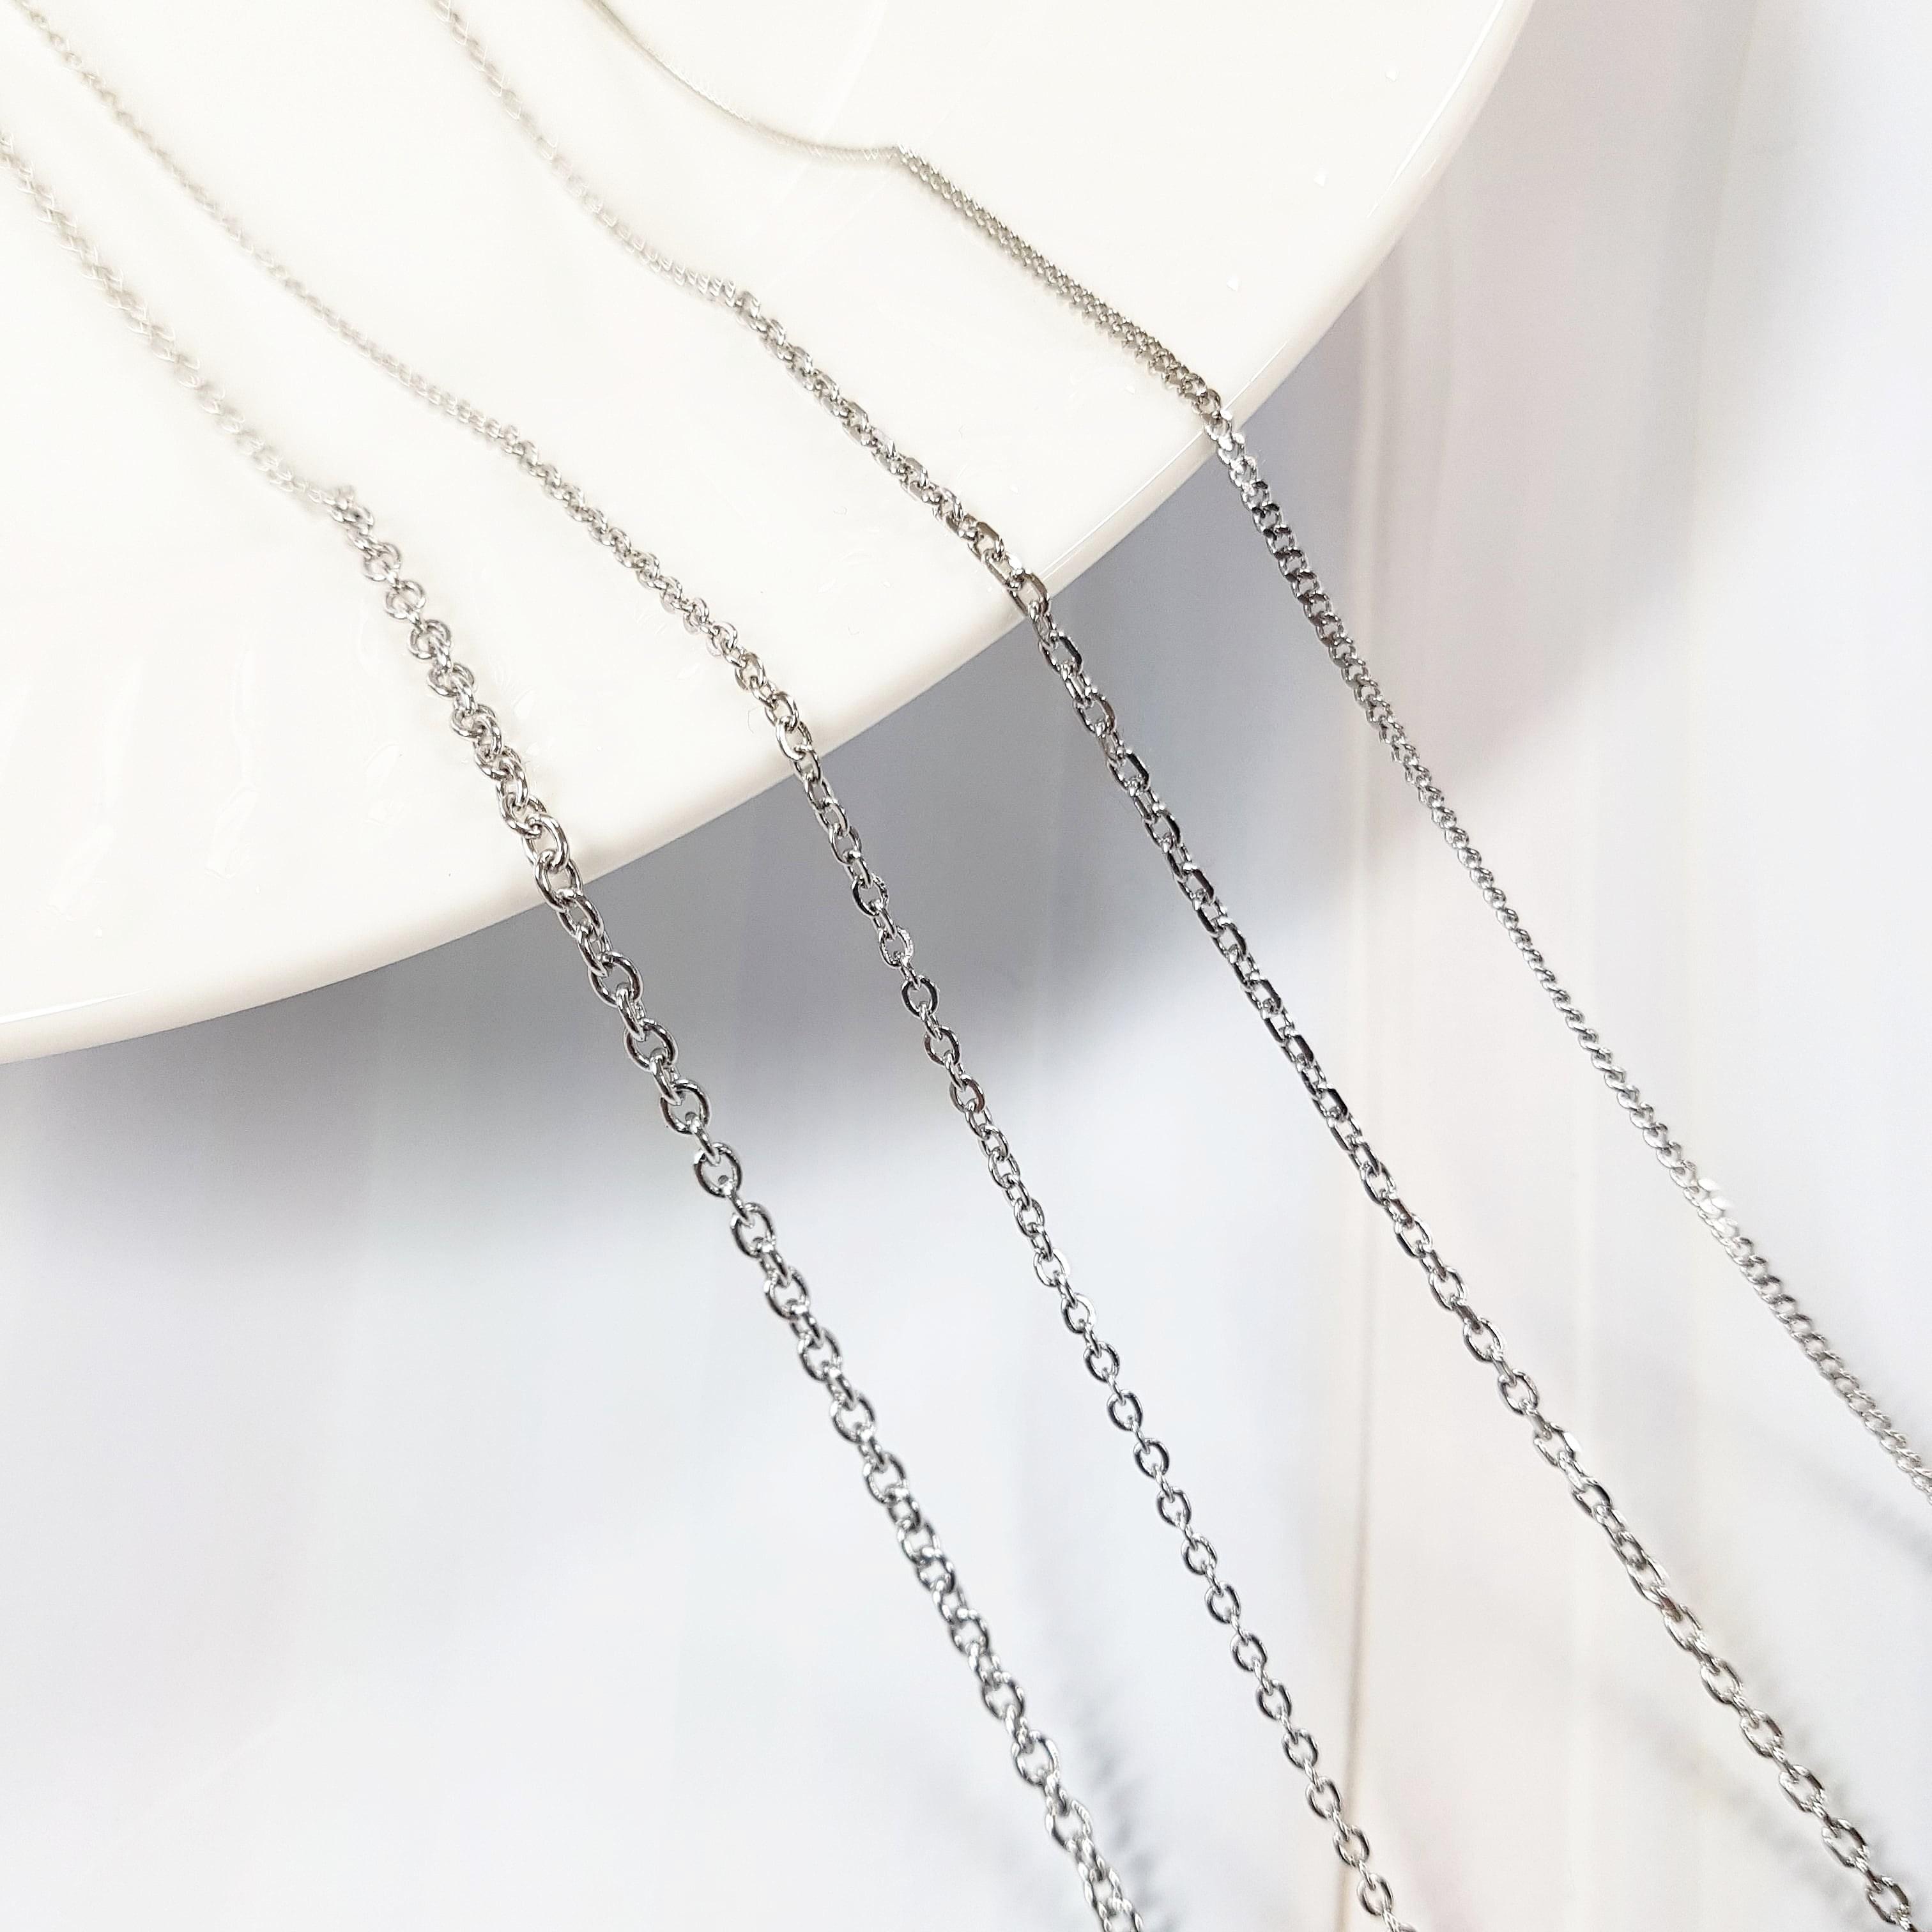 글로리네 써지컬스틸 목걸이체인 목걸이줄 체인목걸이 연장체인 롱목걸이